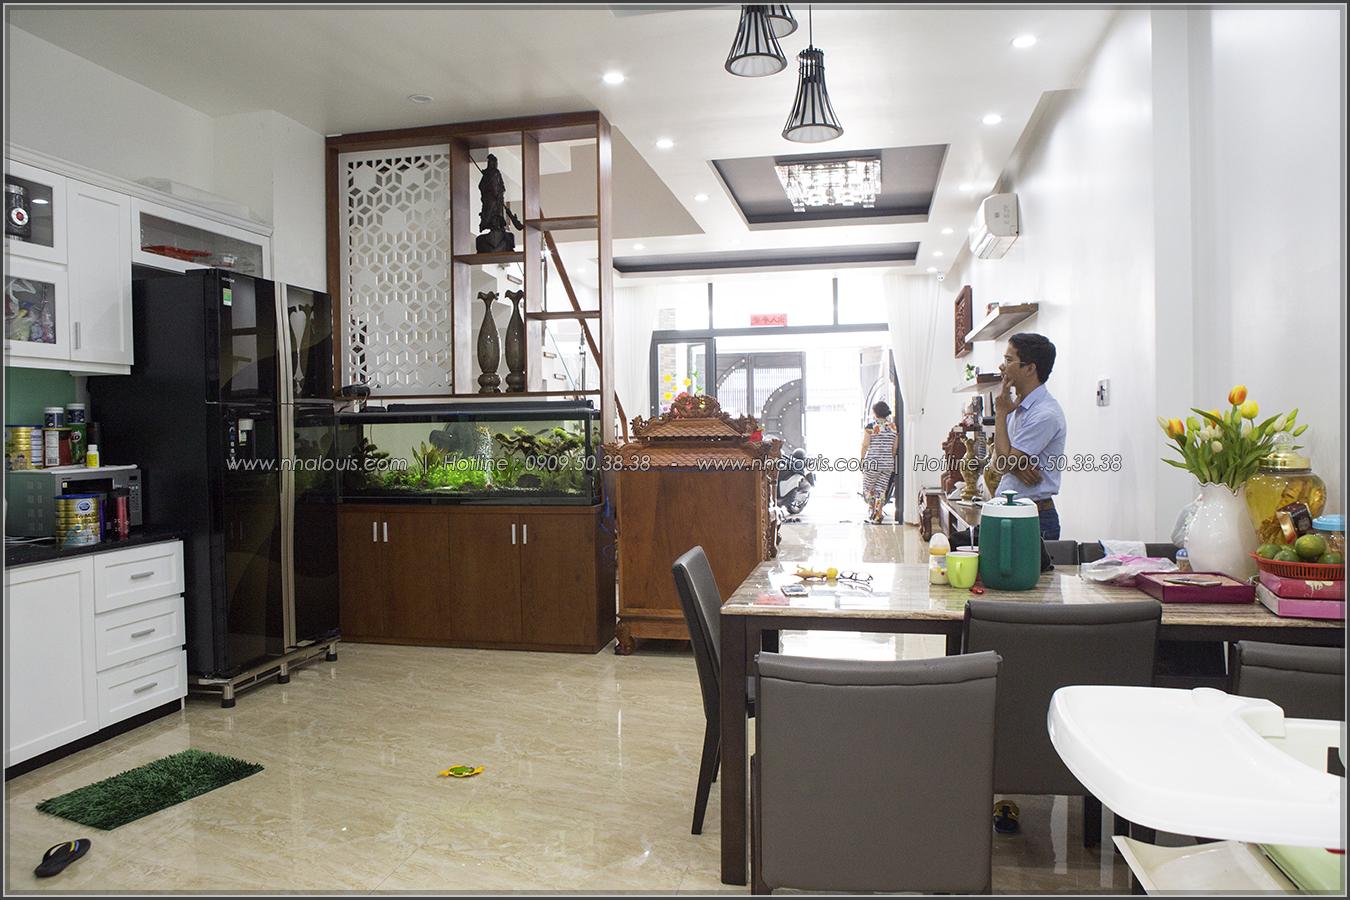 Thi công nhà phố liền kề đẹp hiện đại tại Bình Phú quận 6